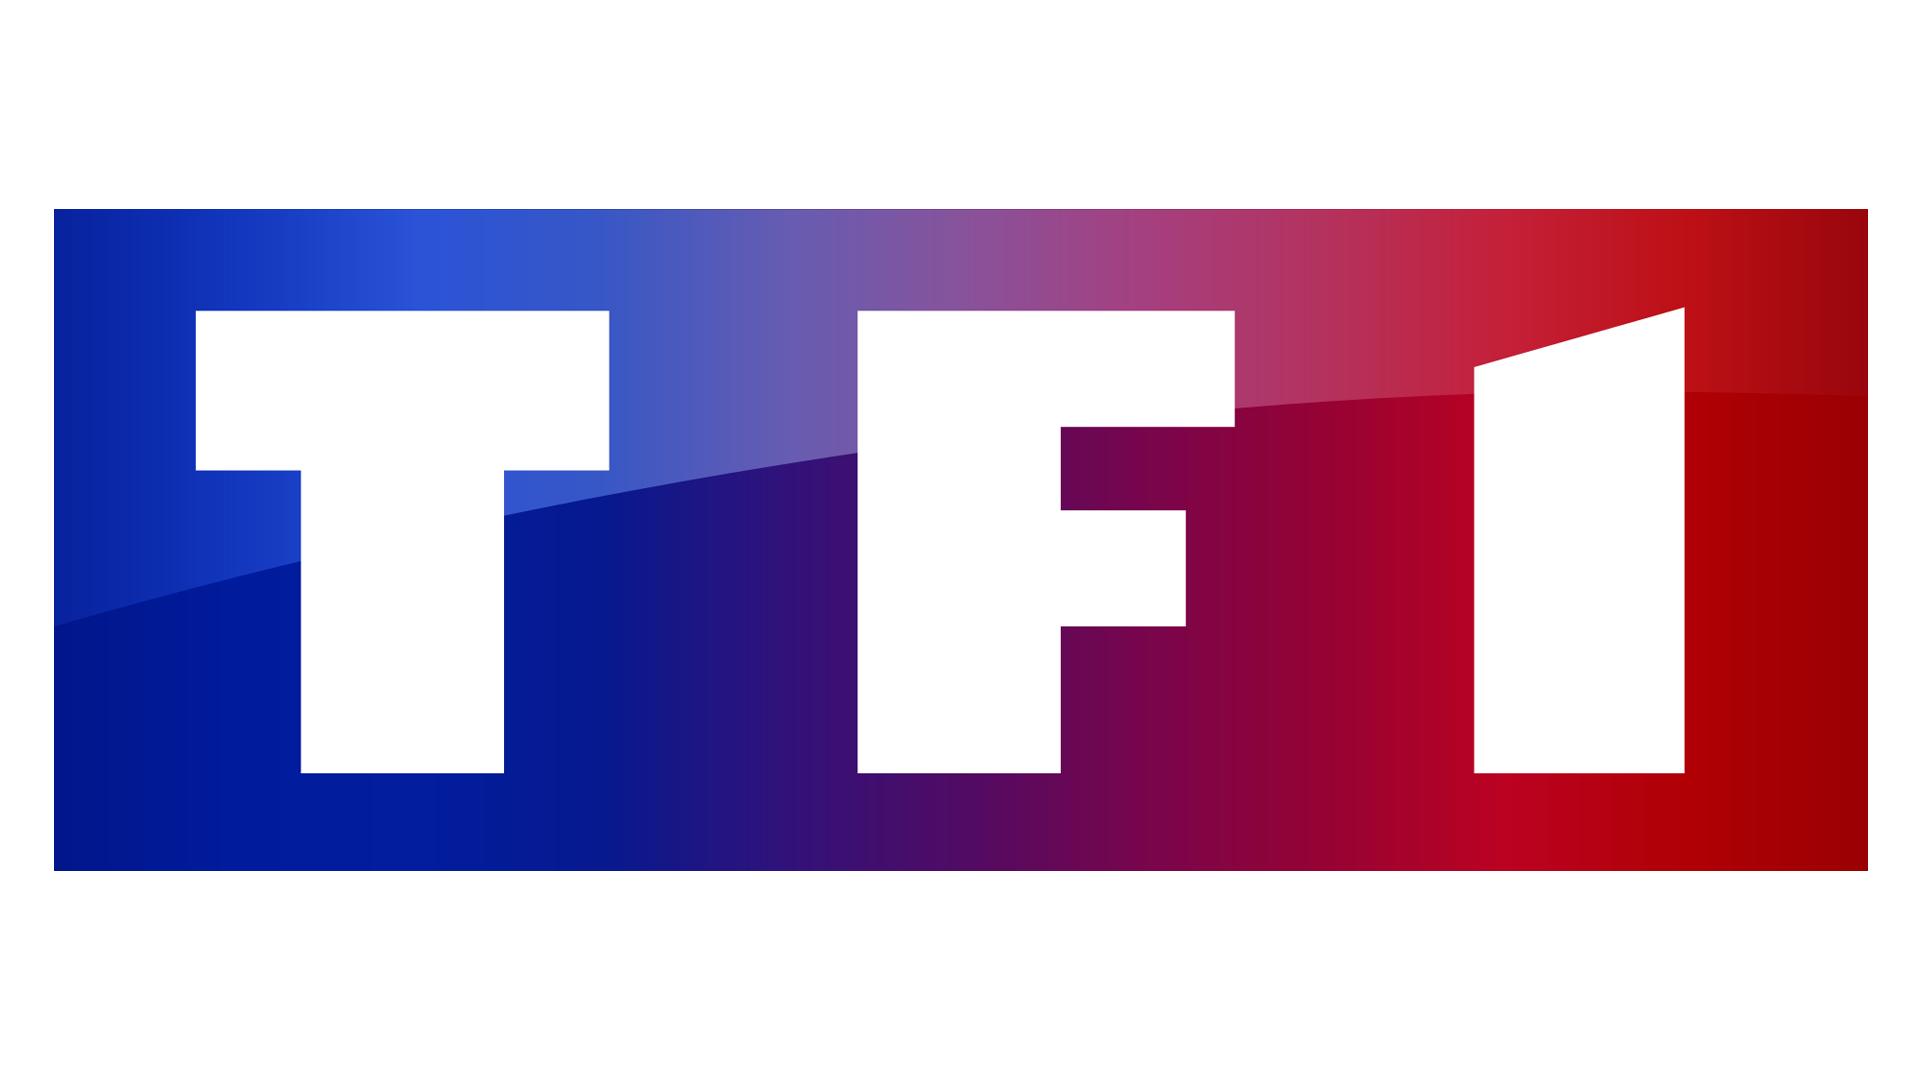 Pierre Yokel travaille comme mixeur professionnel pour le groupe TF1